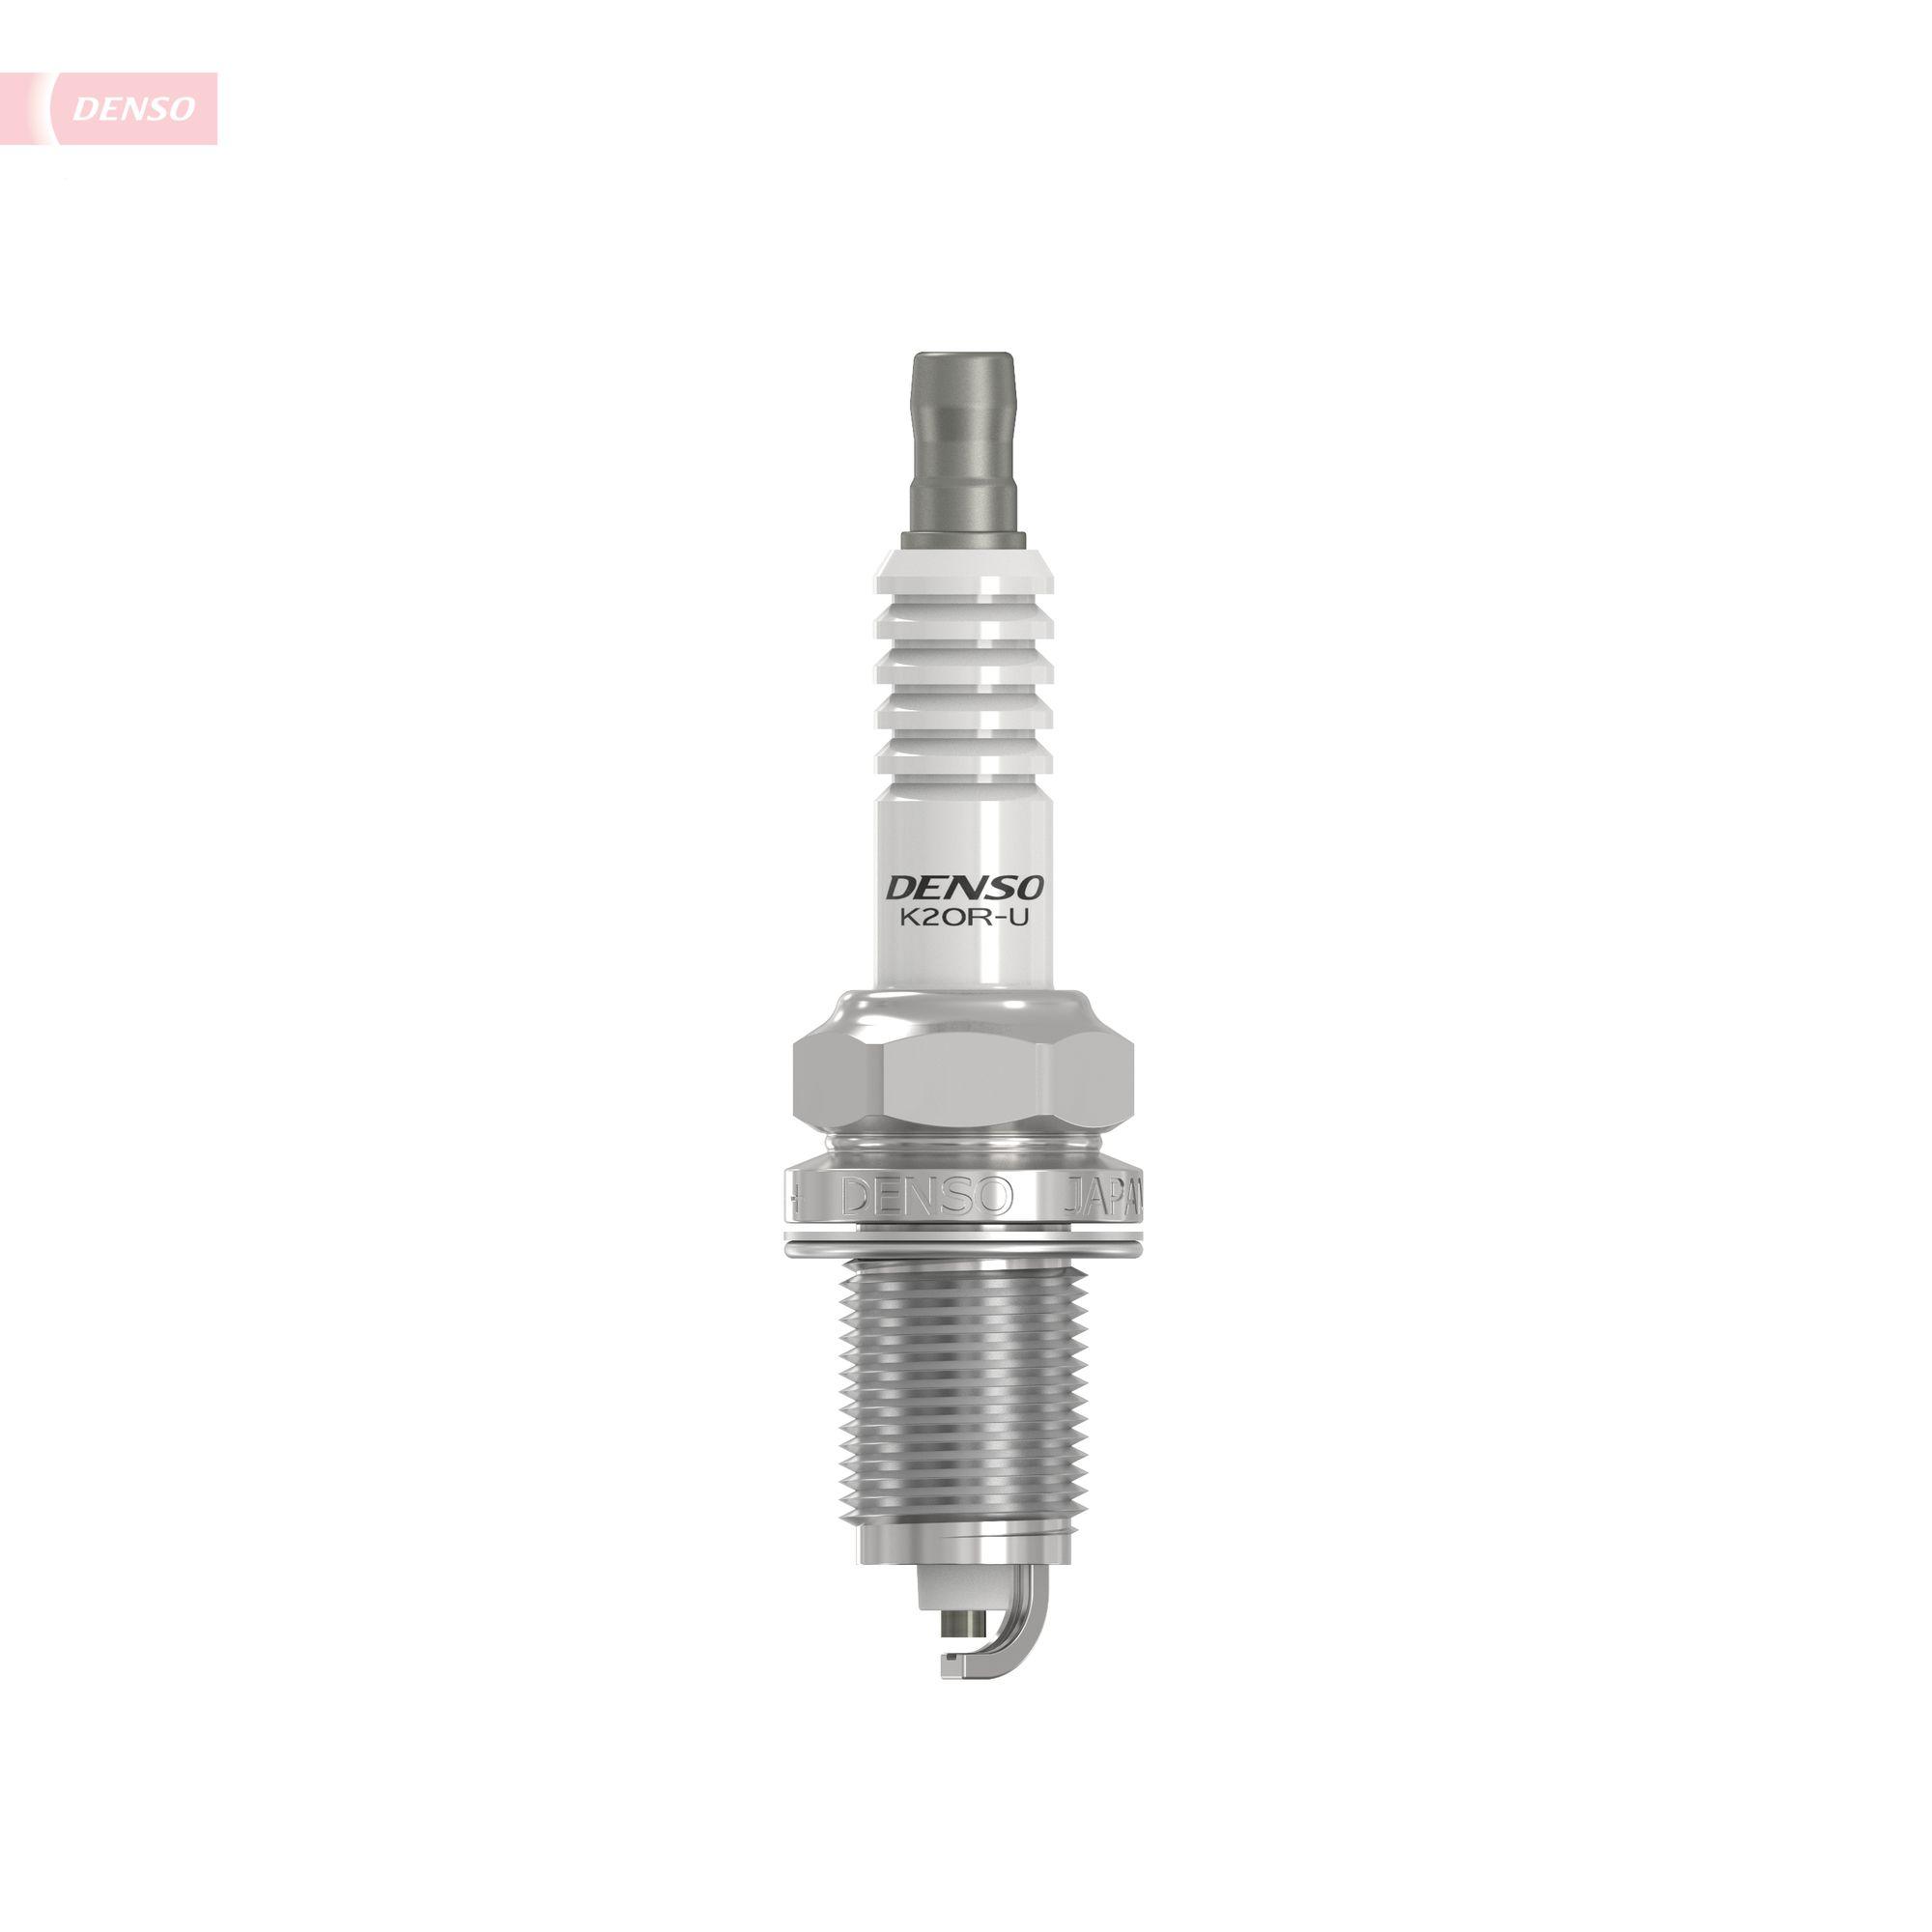 Spark Plug DENSO D31 rating